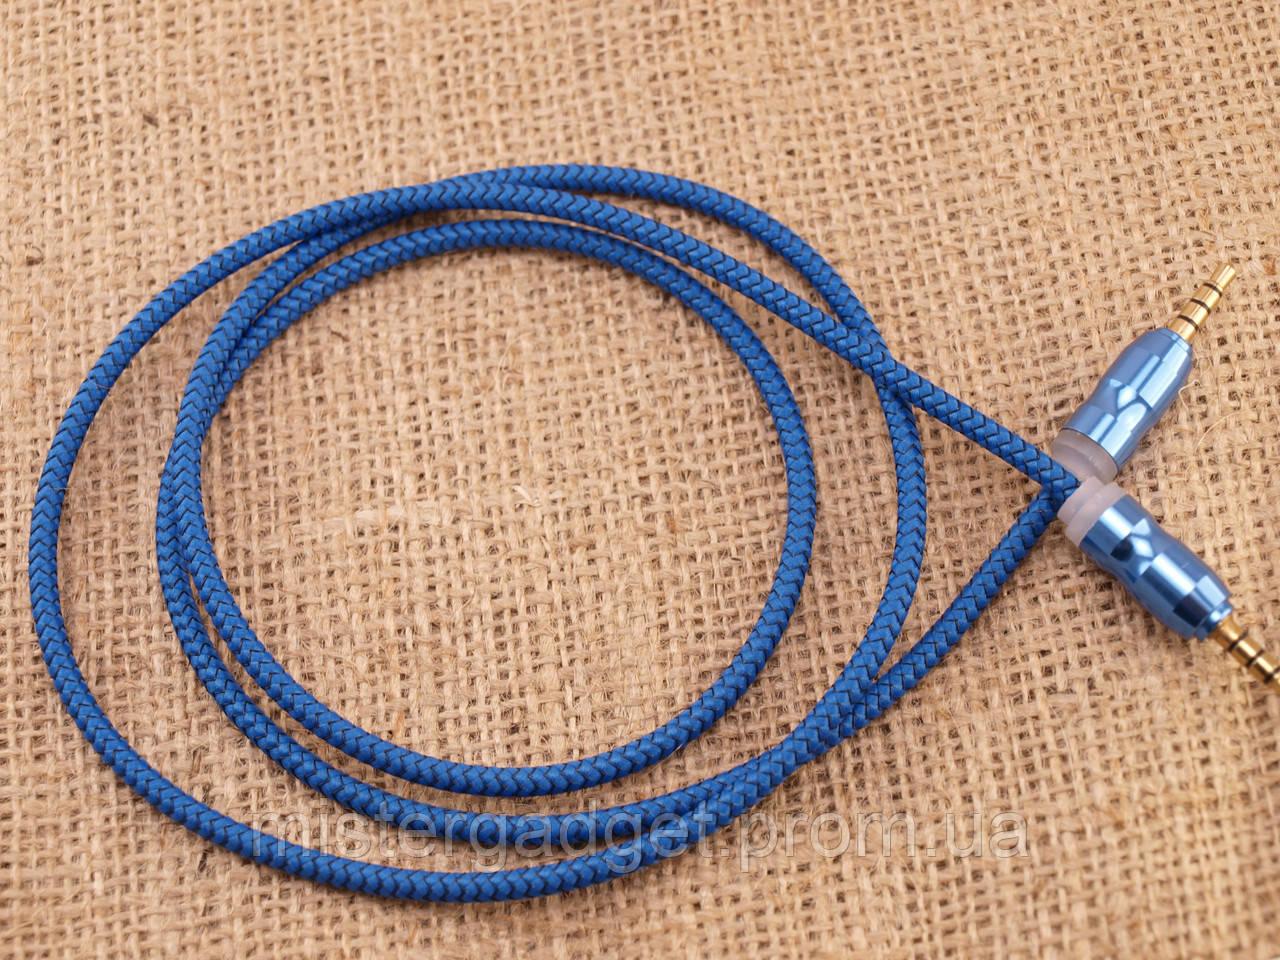 Aux Кабель для лінійного входу Тканинний F3 Синій